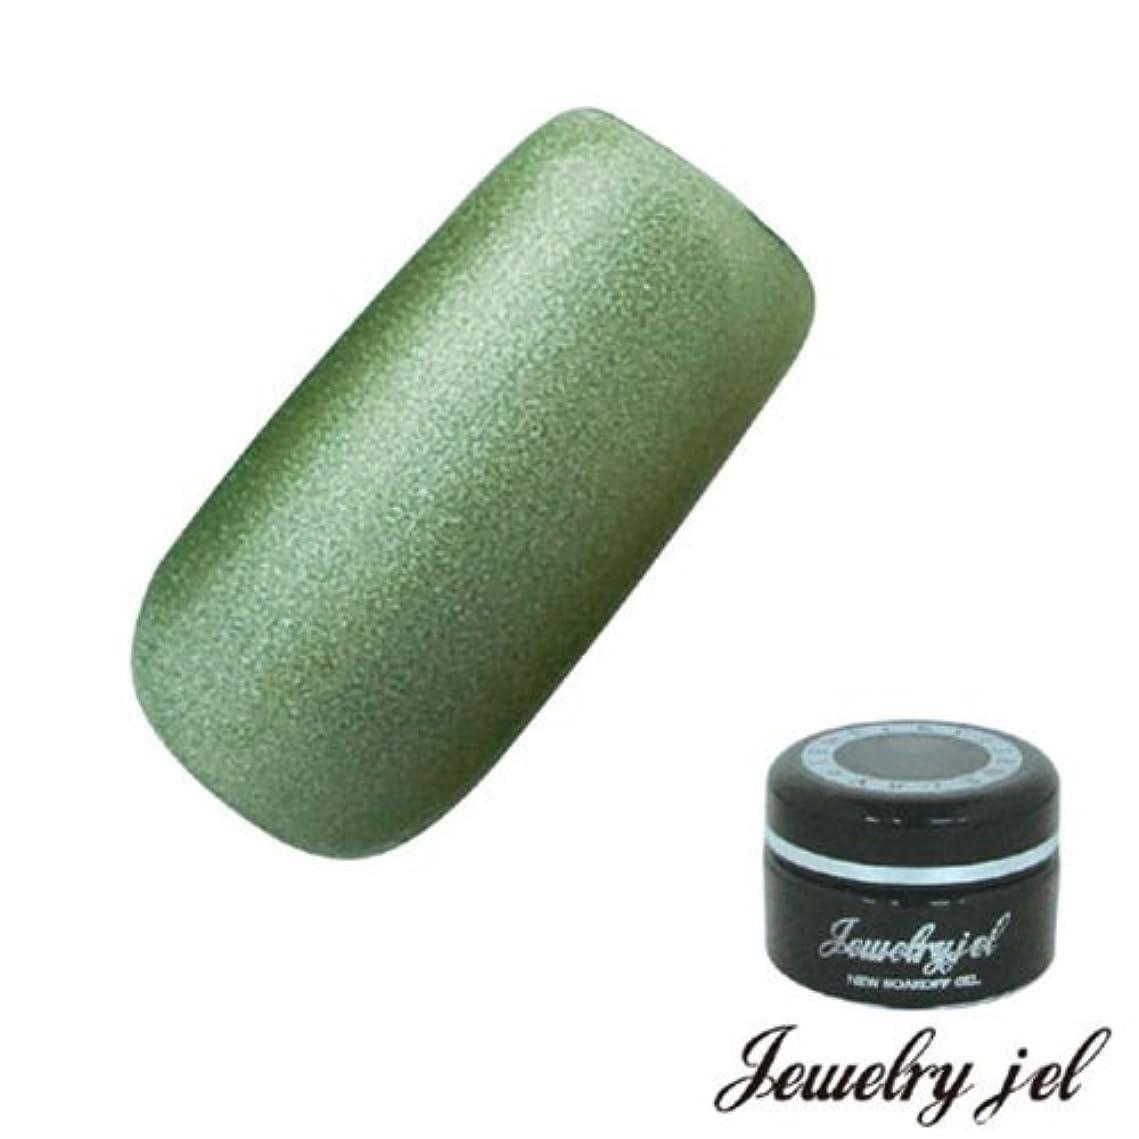 雪の手数料自動的にジュエリージェル ジェルネイル カラージェル SG206 3.5g 迷彩グリーン パール入り UV/LED対応  ソークオフジェル グリーン迷彩グリーン